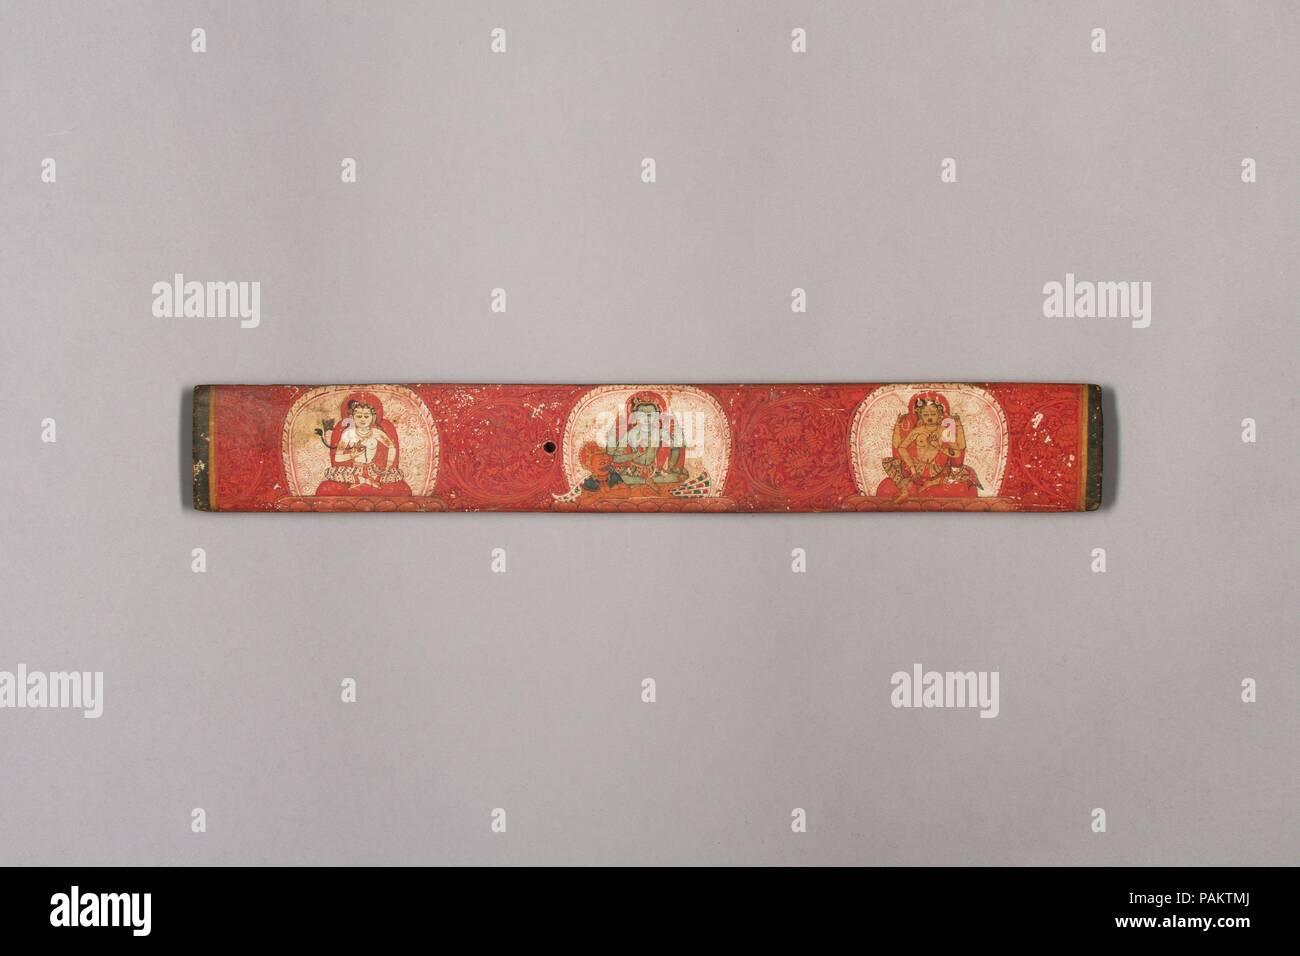 Manoscritto del coperchio con Vishnu affiancato da Lakshmi e Sarasvati. Cultura: Nepal (valle di Kathmandu). Dimensioni: complessivo: 1 7/8 x 13 1/16 in. (4,7 x 33,2 cm). Data: XIV secolo. Questo coperchio mostra permanente di quattro-armati Vishnu montato su Garuda, la sua metà uomo e metà uccello-veicolo. Vishnu è fiancheggiata sulla destra da sua moglie Lakshmi, la dea della ricchezza e prosperità e sulla sinistra di Sarasvati, la dea di apprendimento e di sapienza, che a volte appare come Vishnu la consorte. Tre di Vishnu a quattro mani tenere la sua solita attributi marziale, che egli utilizza quando egli aids devoti in necessità: il discus, clu Immagini Stock